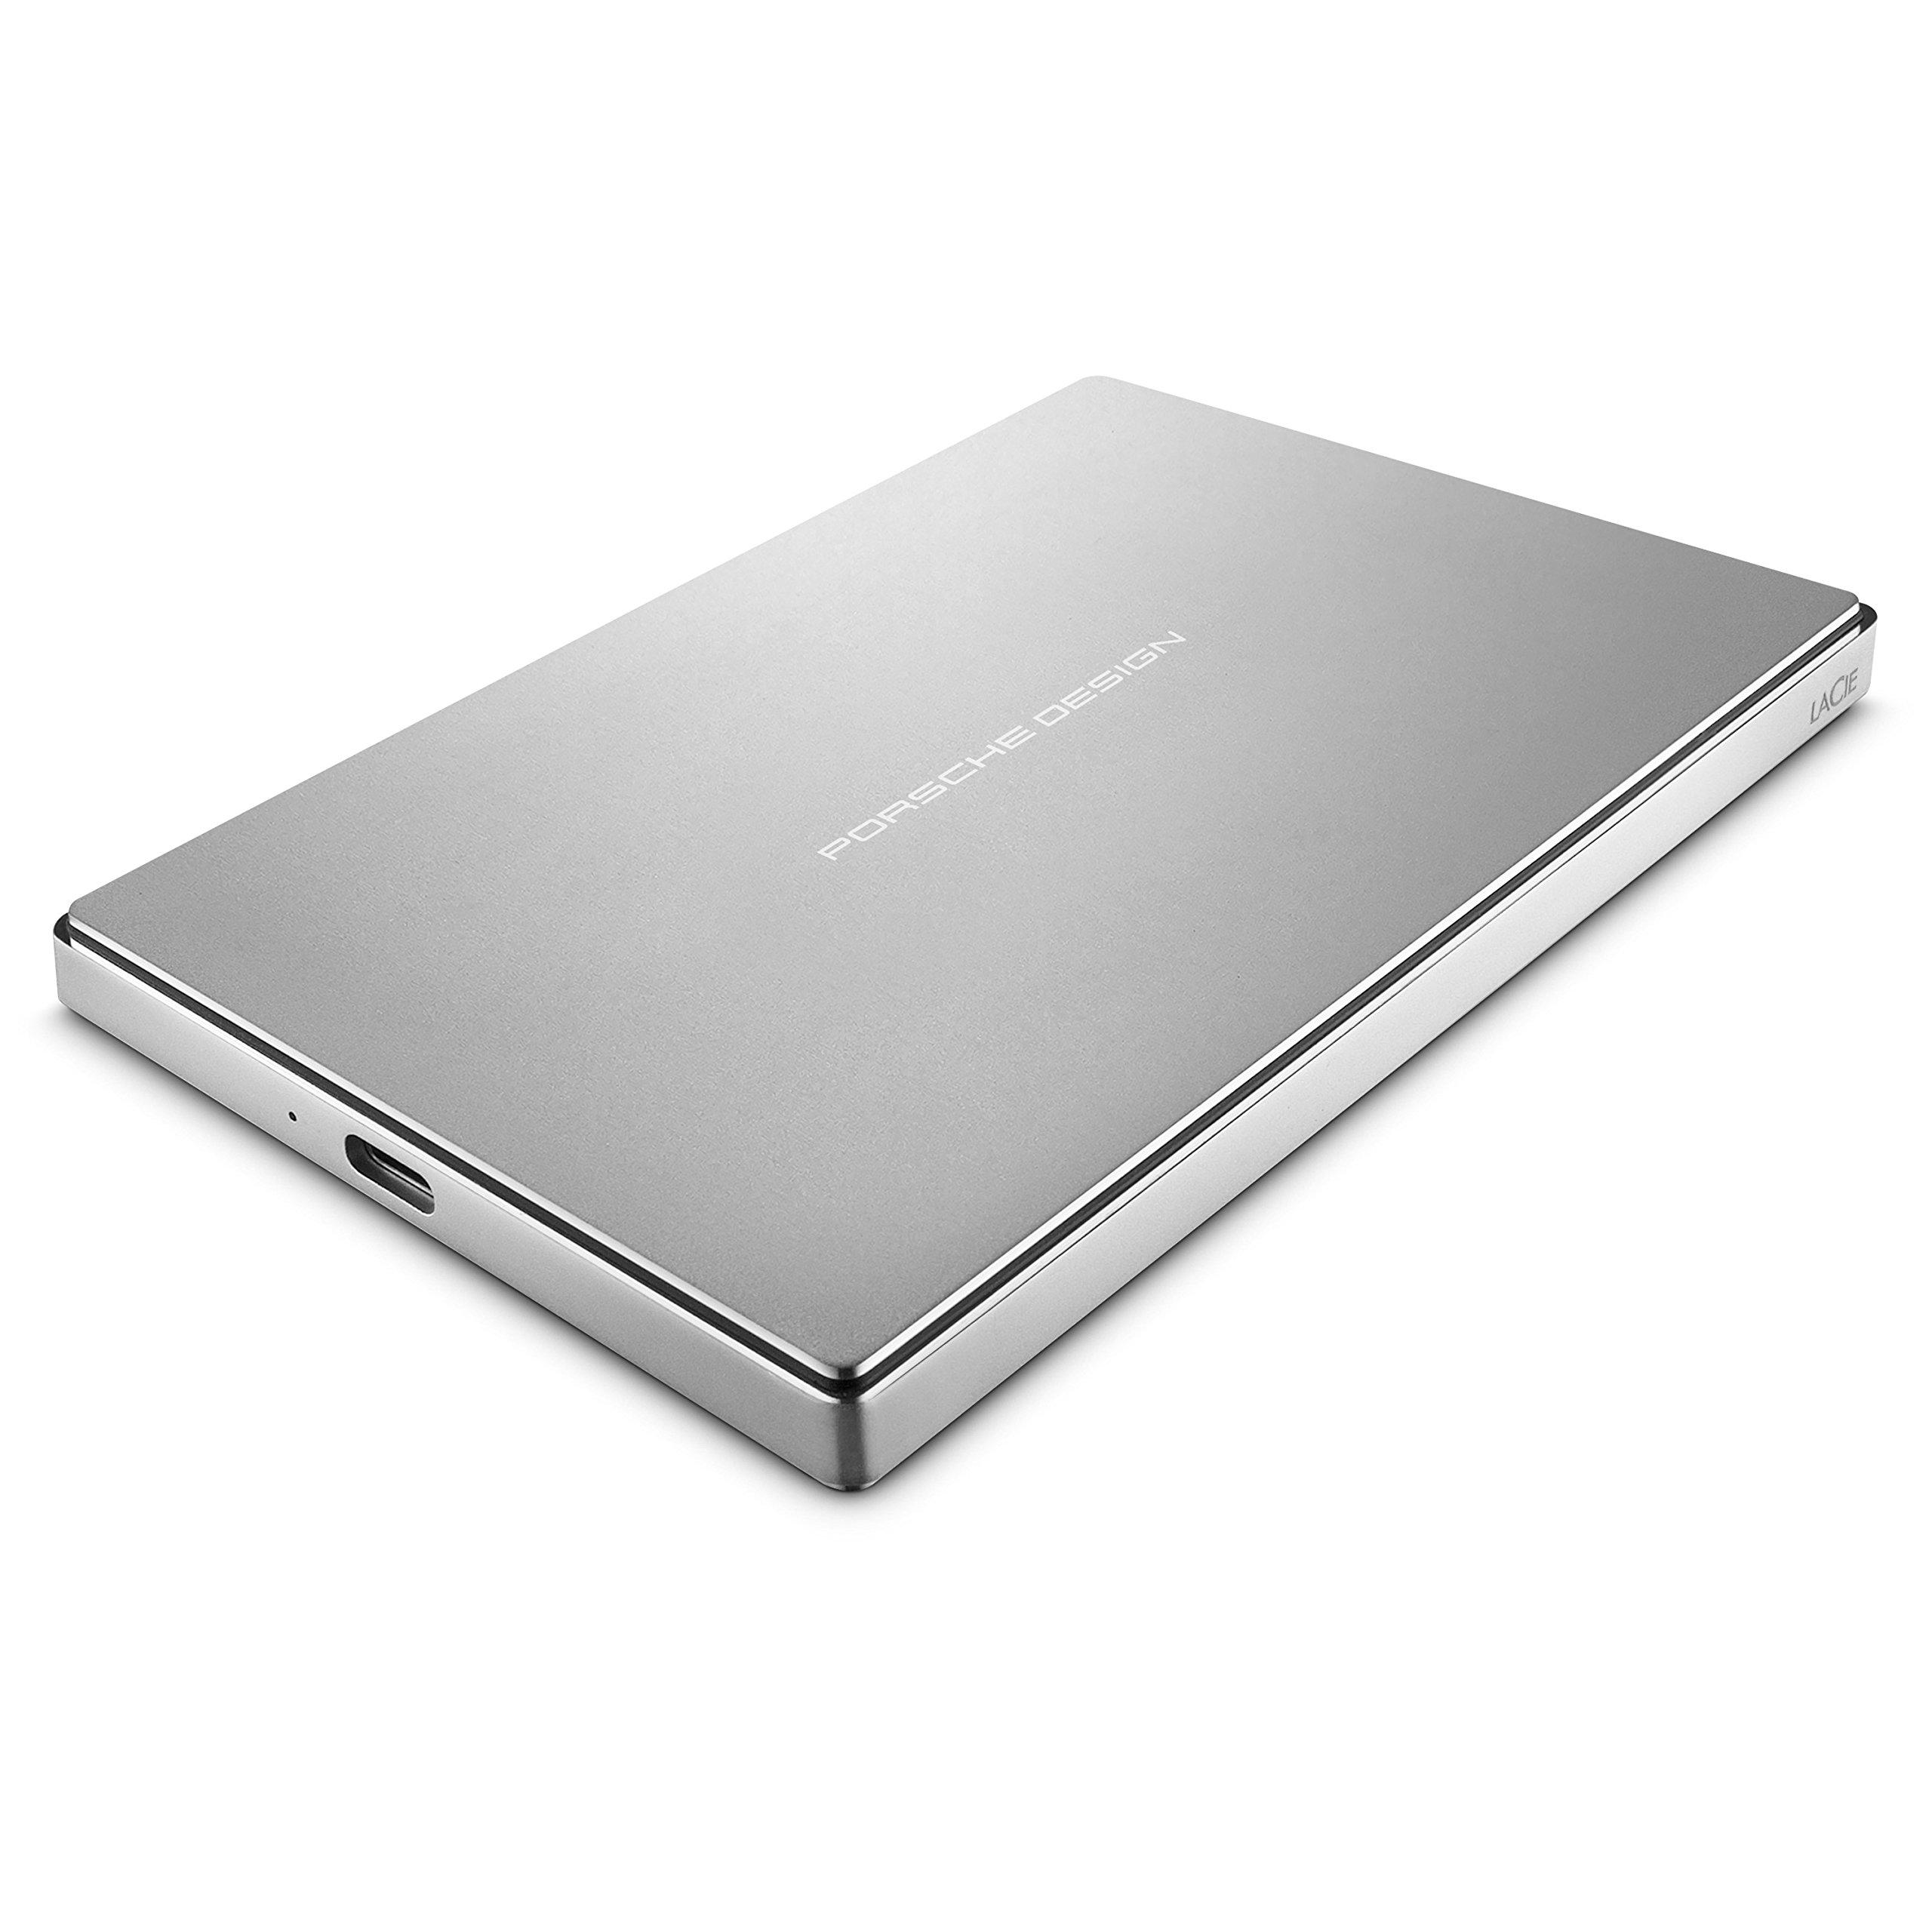 LaCie Porsche Design 2TB USB-C Mobile Hard Drive, Silver (STFD2000400)